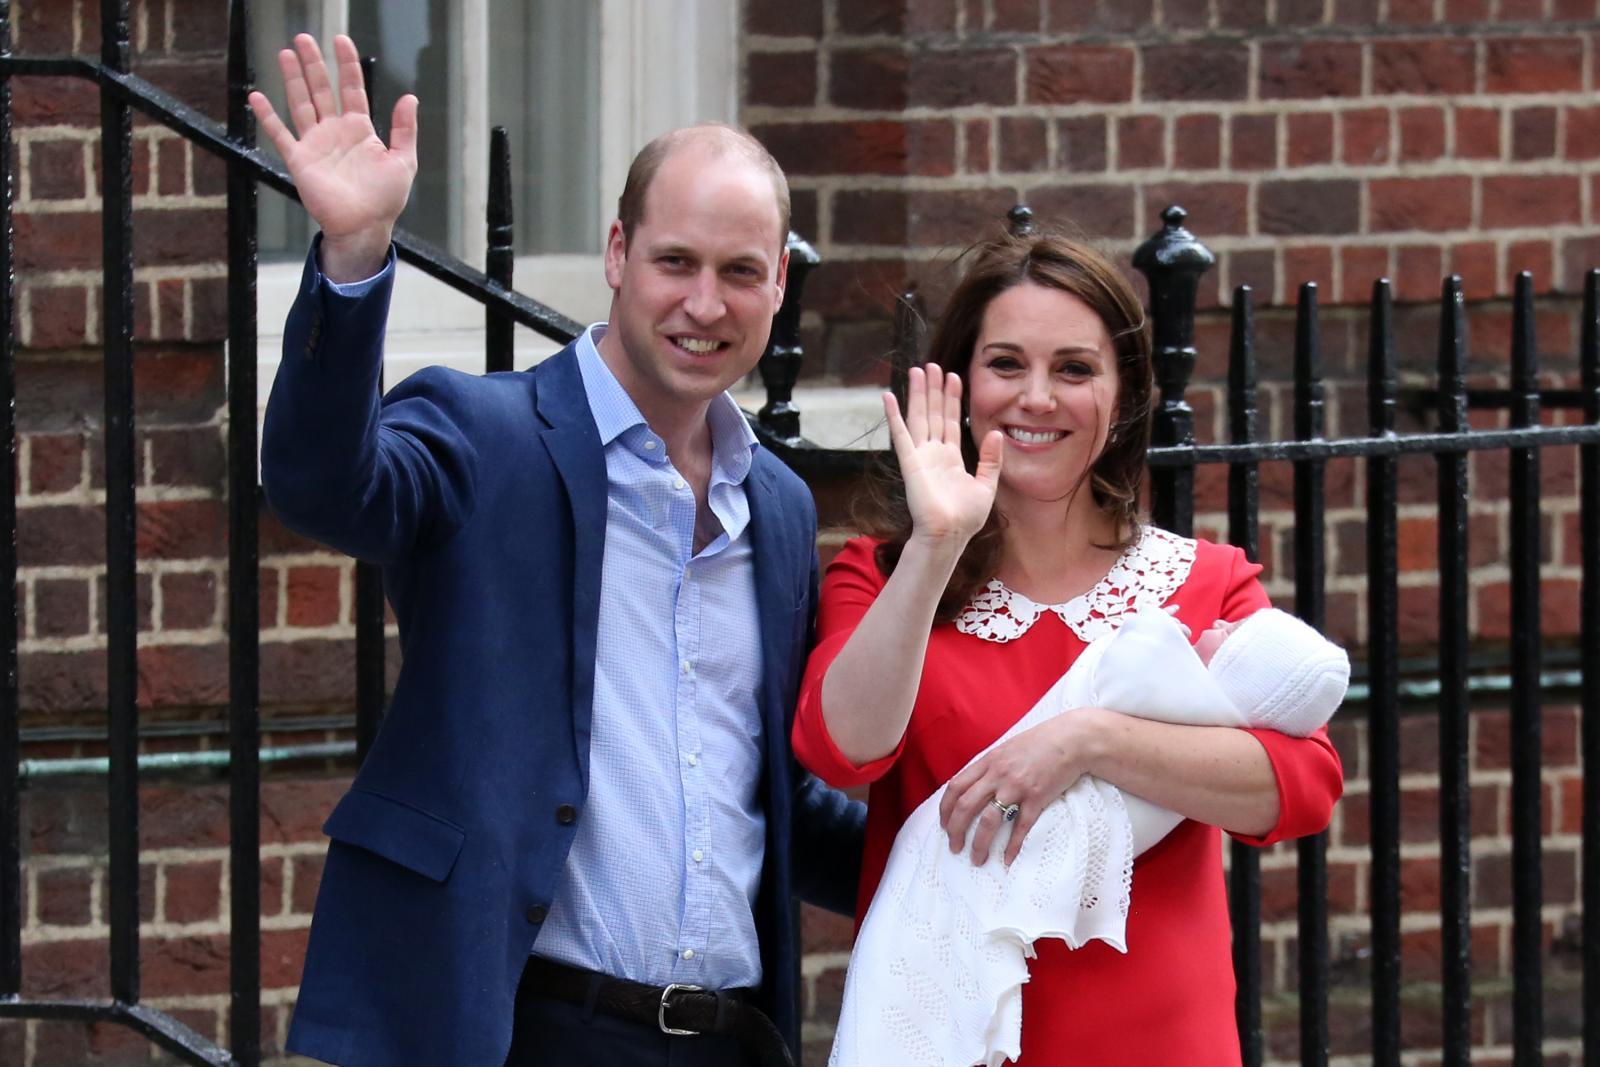 ยลโฉมพระโอรสพระองค์ใหม่แห่งราชวงศ์อังกฤษ